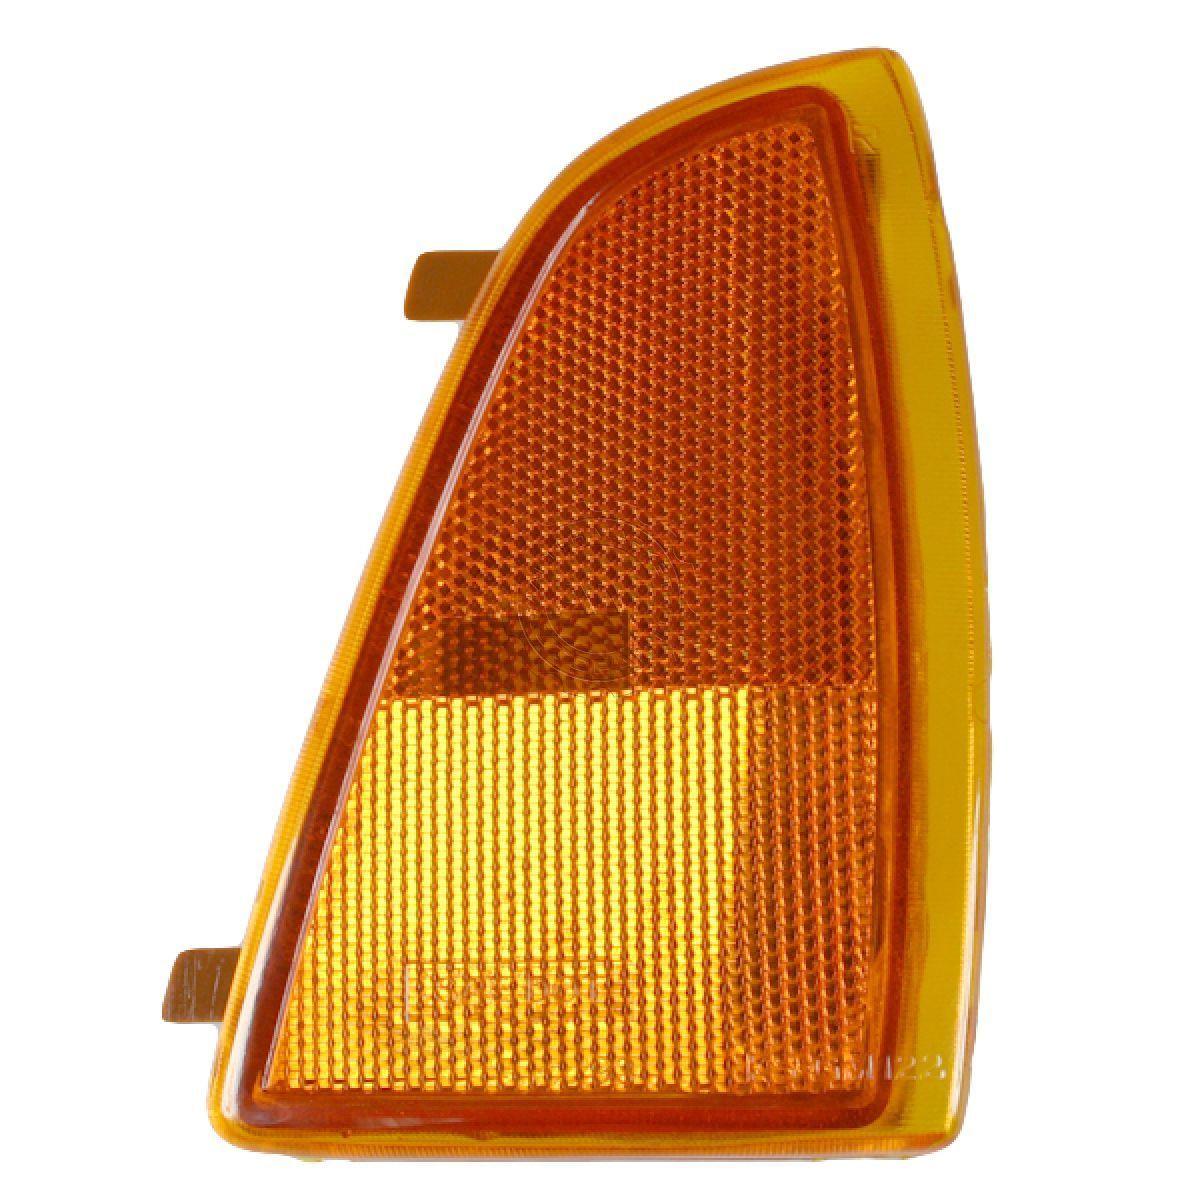 コーナーライト Side Marker Light RH Right for Chevy S10 Blazer Pickup 1995-1997 Chevy S10 Blazer Pickup 1995-1997用のサイドマーカーライトRH